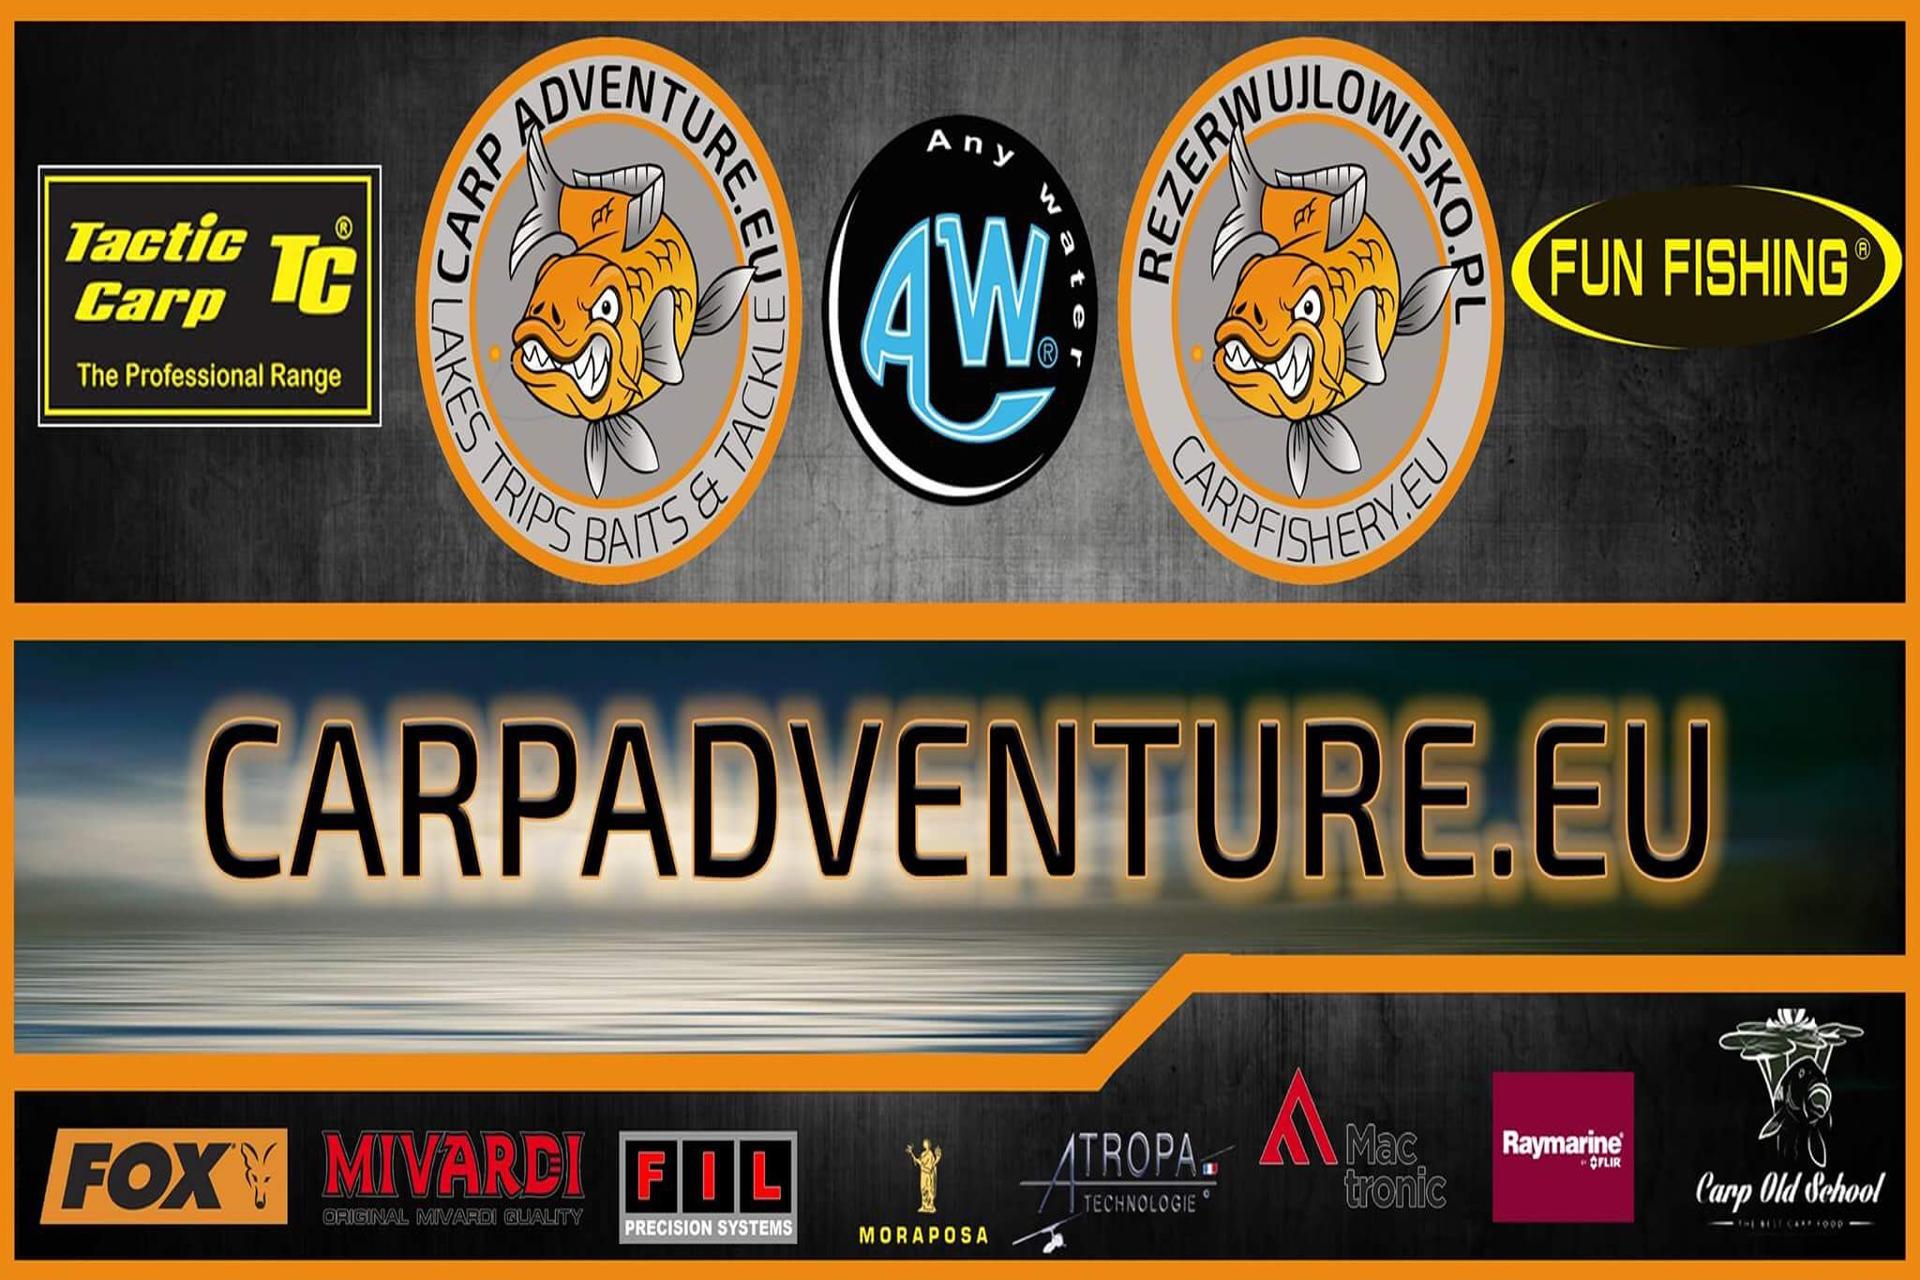 CarpAdventure